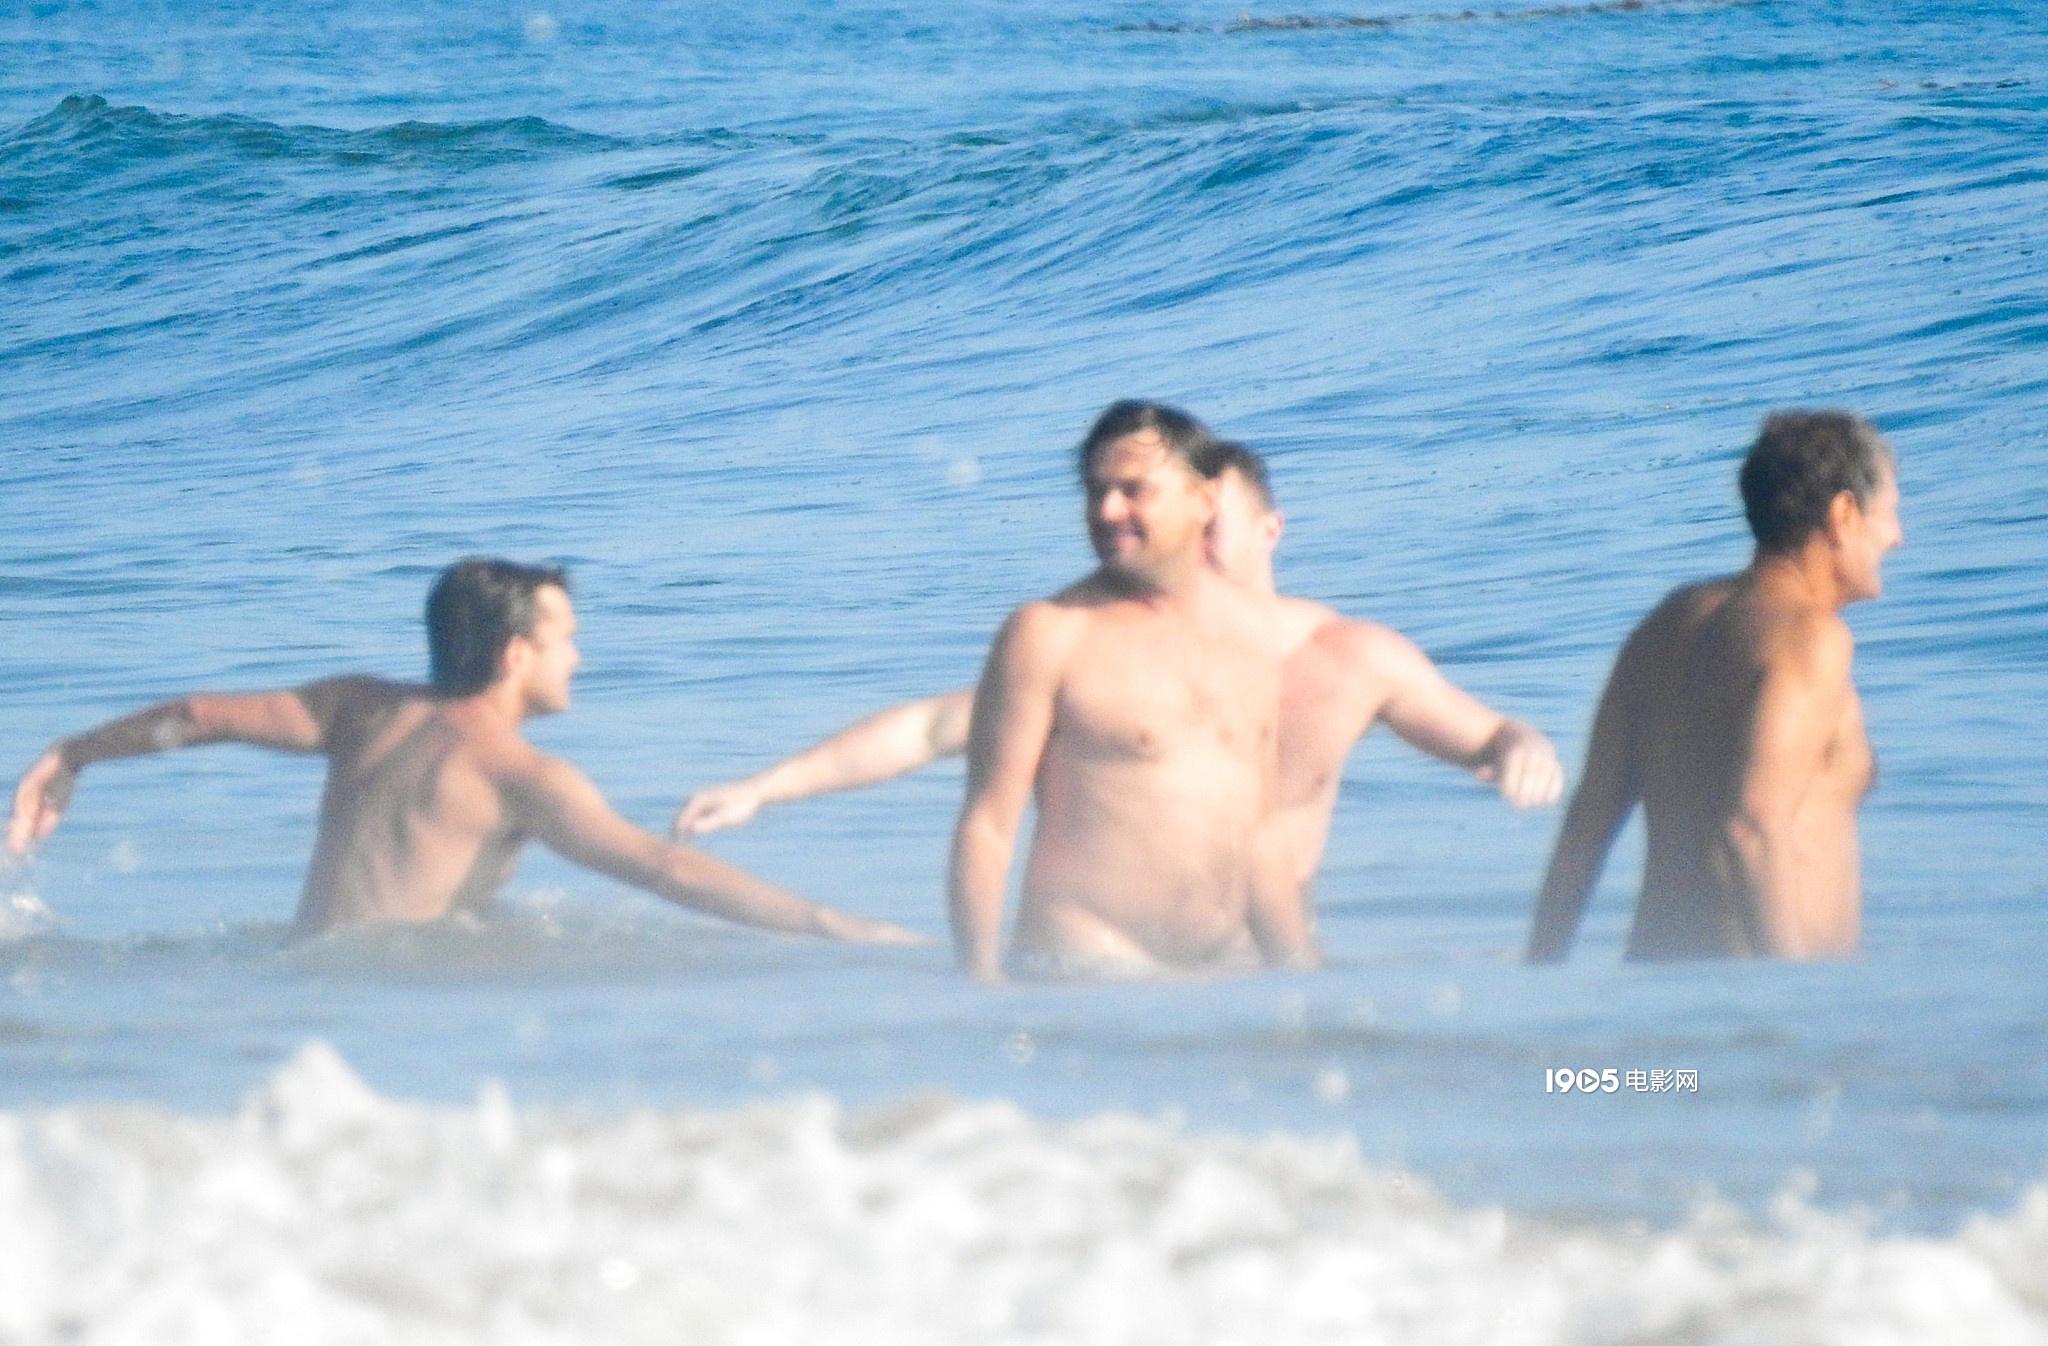 小李子海边度假半露玉腚 身体发福又变回油腻大叔